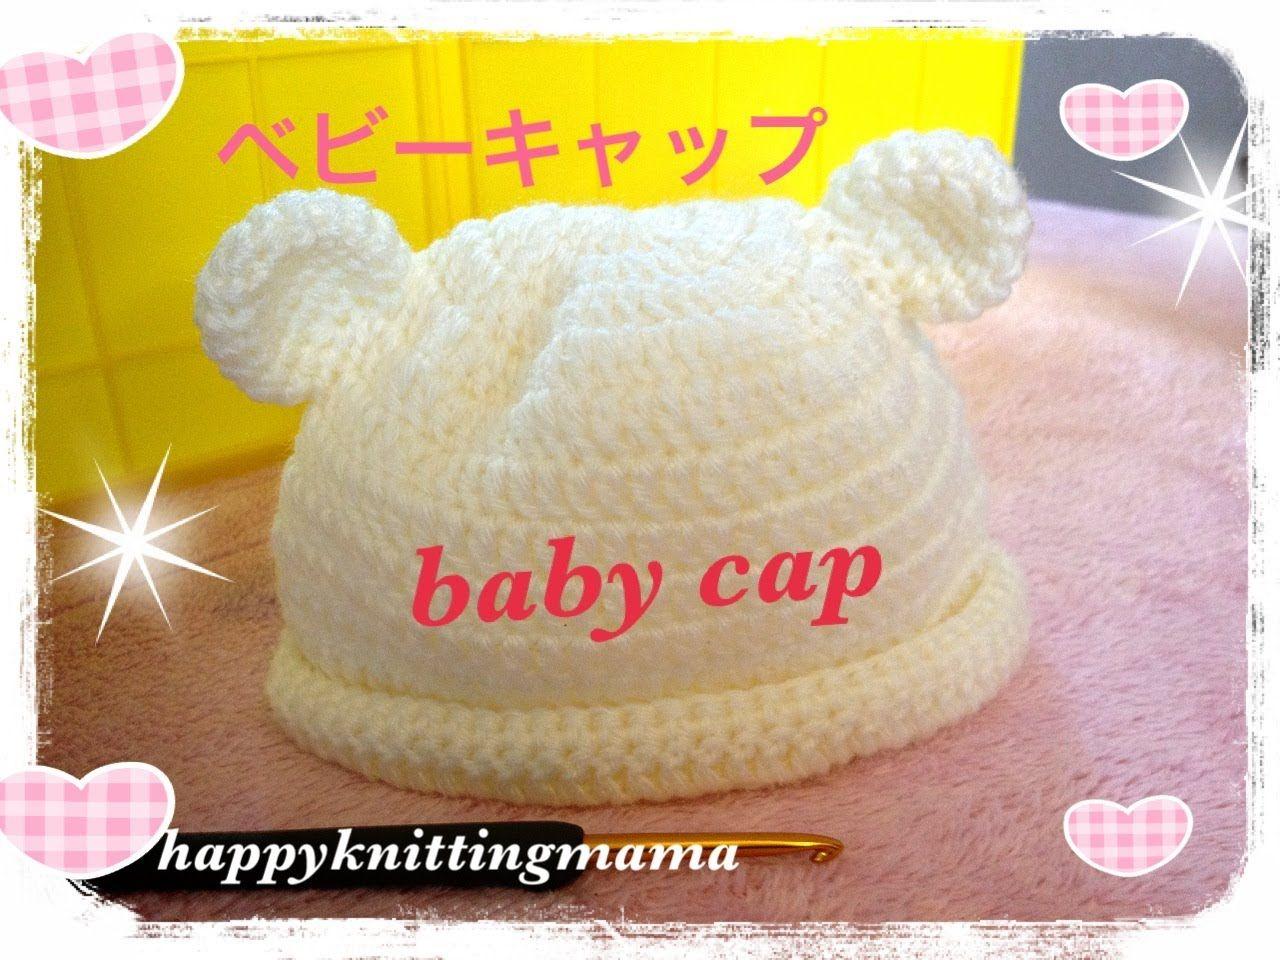 53f62f71c590e ベビーキャップ☆かぎ針編みでニット帽☆簡単に長編みと細編みで^^baby cap☆Crochet☆